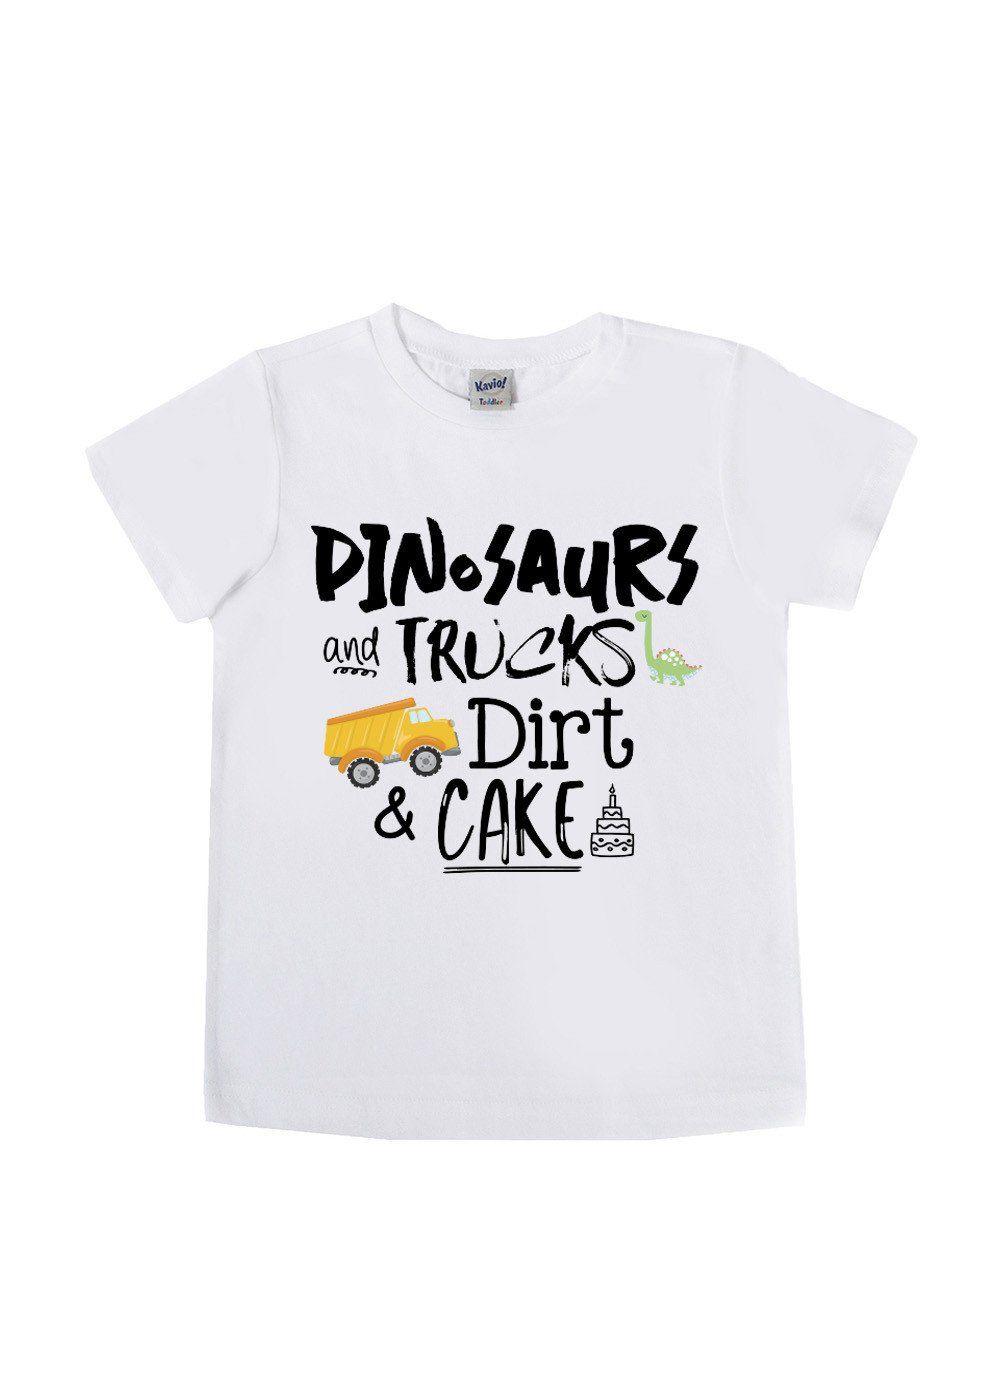 Dinosaurs Monster Trucks Dirt And Cake Birthday Boy Shirts Trucks Birthday Party Birthday Shirts